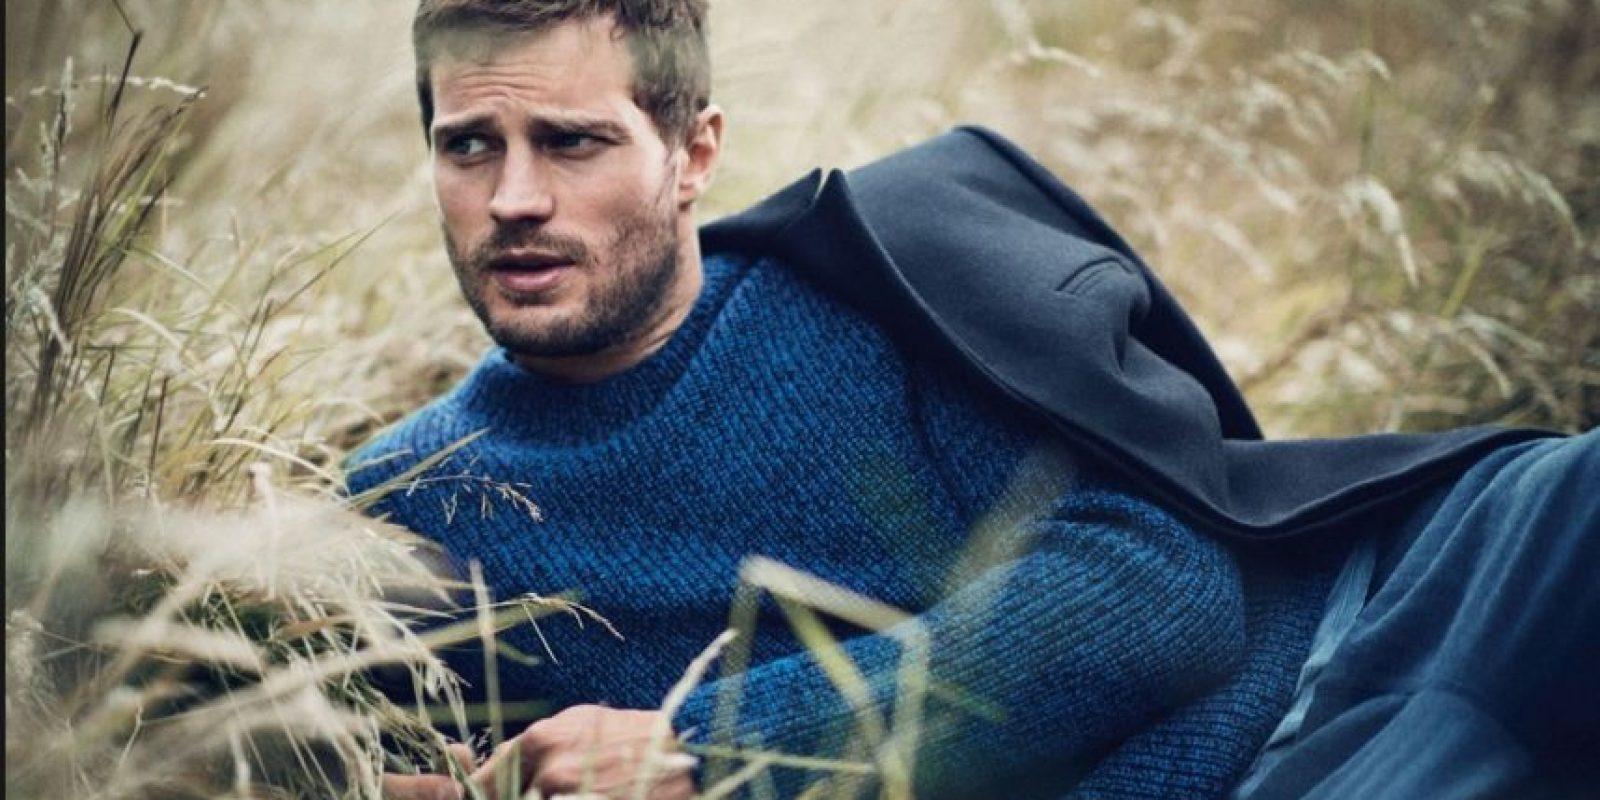 """Jamie Dornan era modelo y protagonista de editoriales de moda para las grandes revistas. También es actor, pero se hizo conocido por interpretar a Christian Grey en """"50 sombras de Grey"""". Aquí les dejamos sus fotos más sensuales Foto:Vogue"""